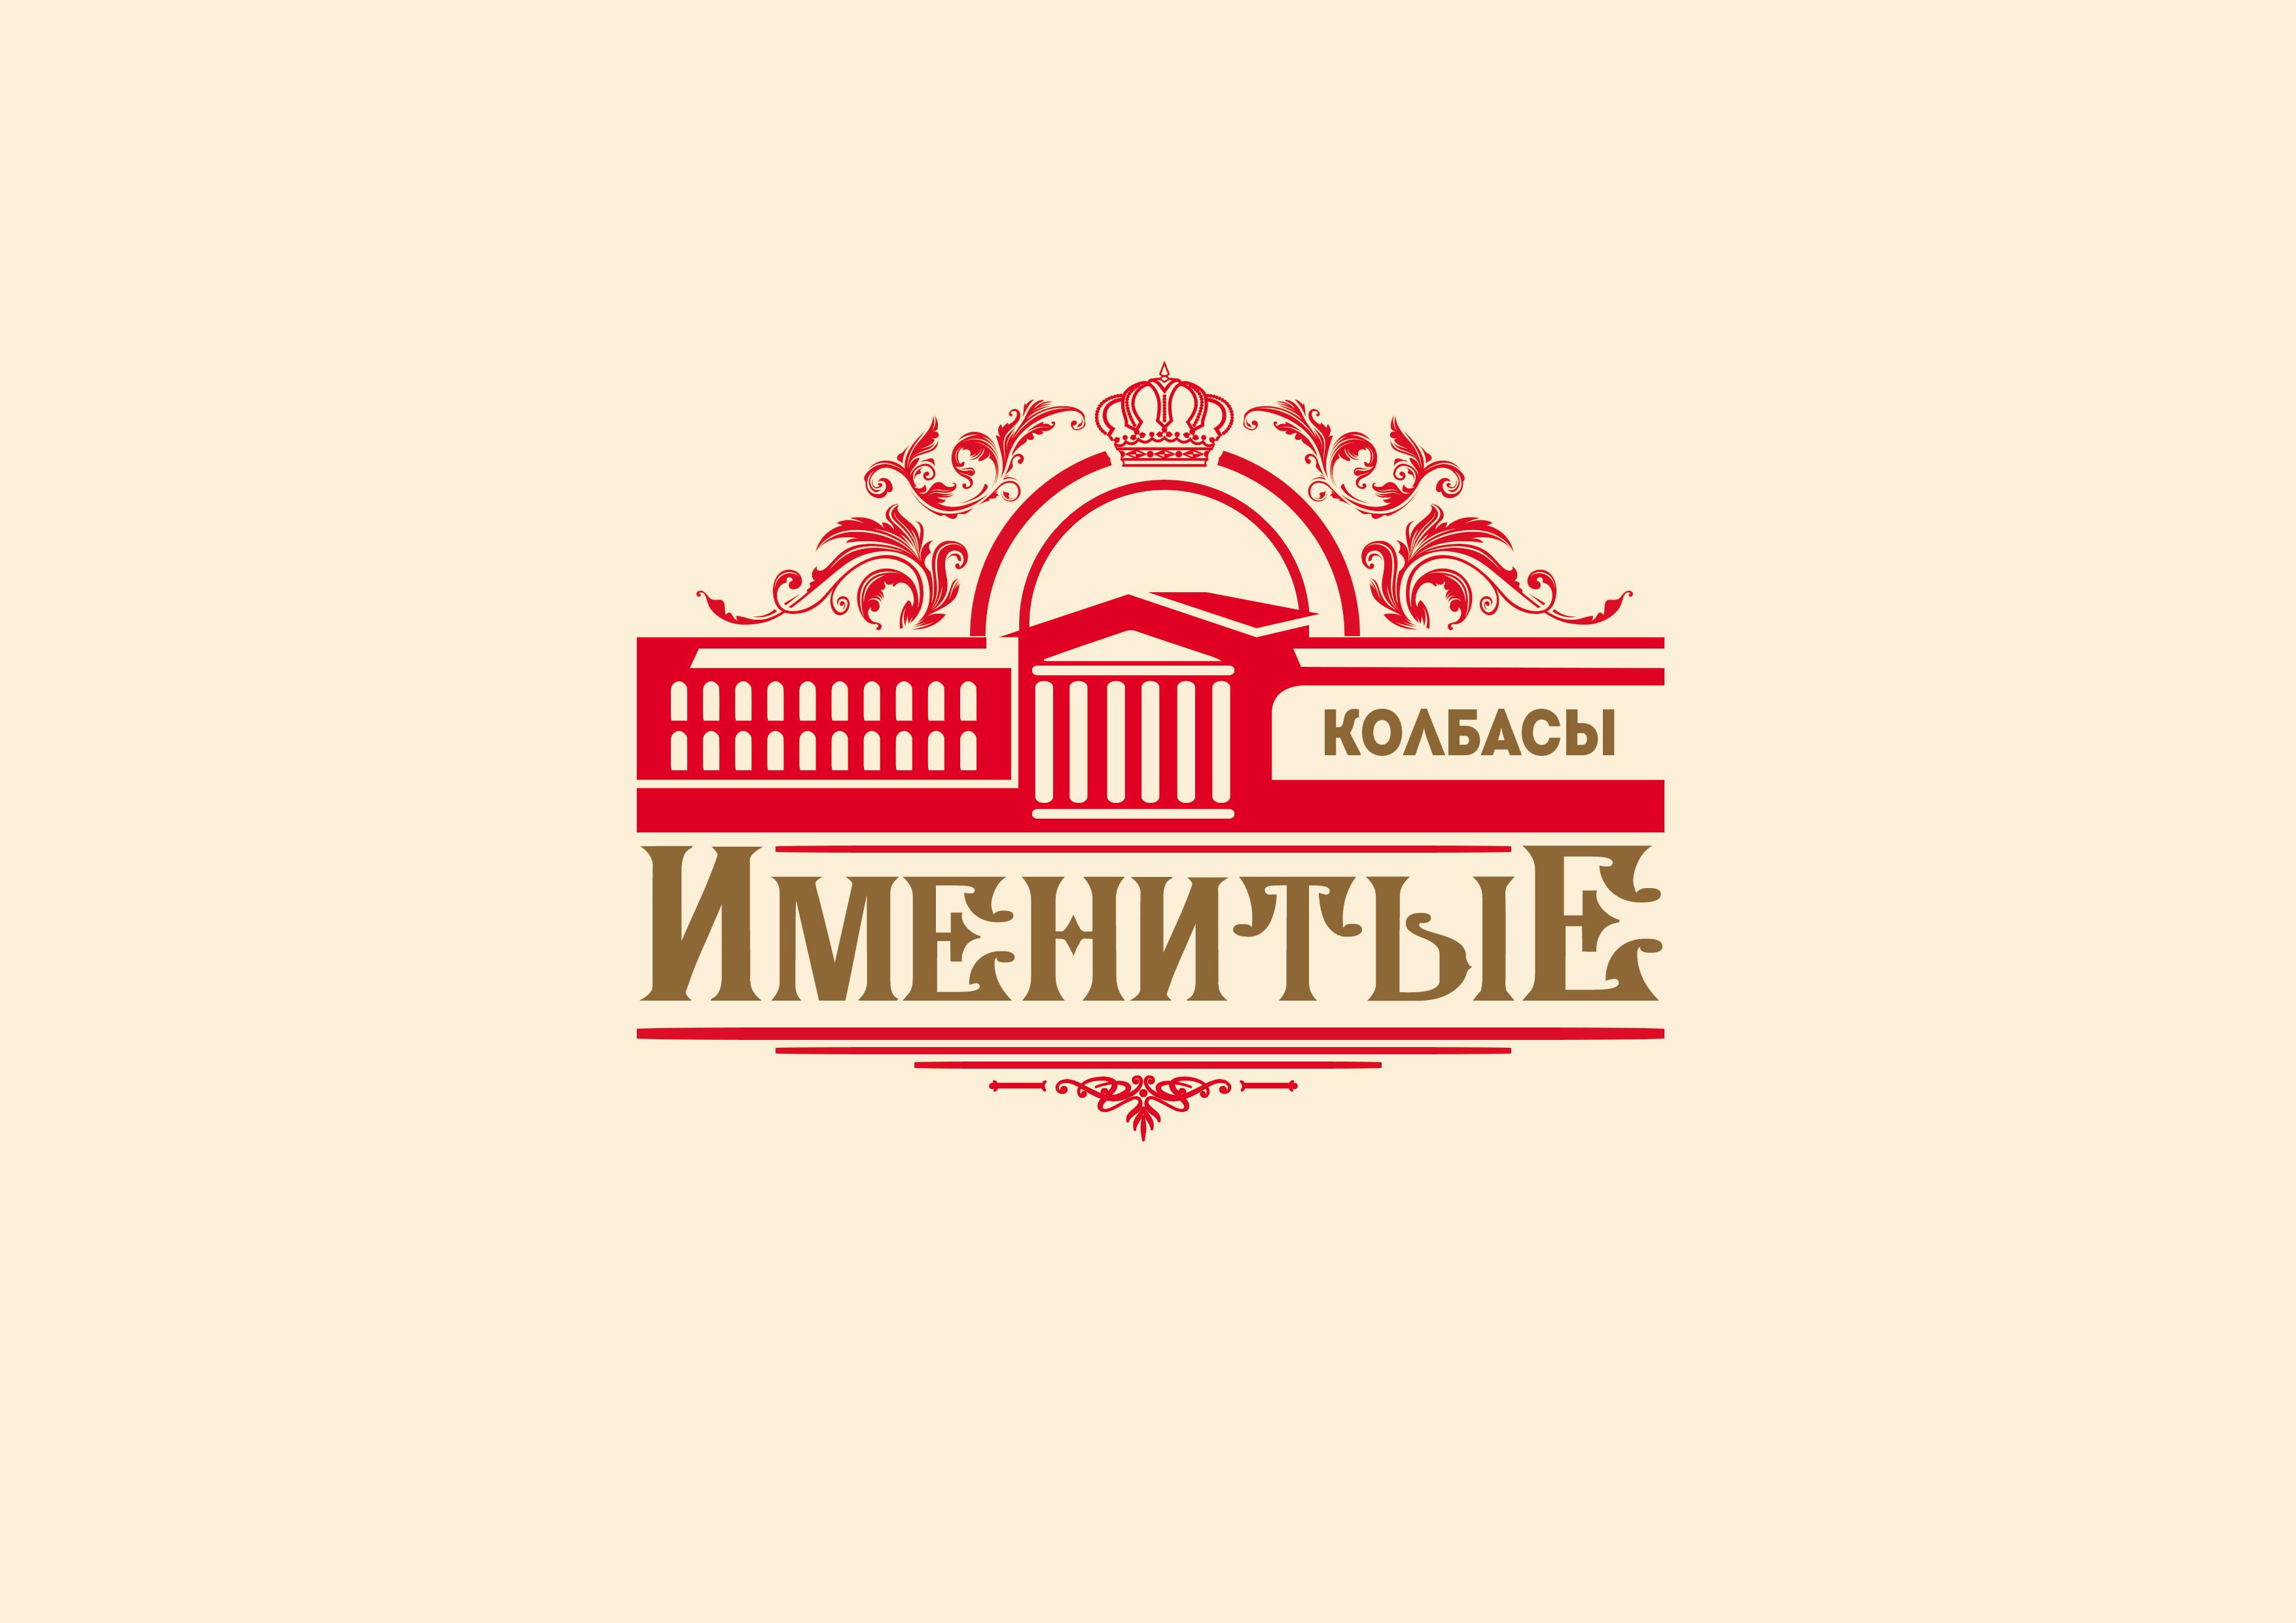 Логотип и фирменный стиль продуктов питания фото f_5235bc071715a9f8.png